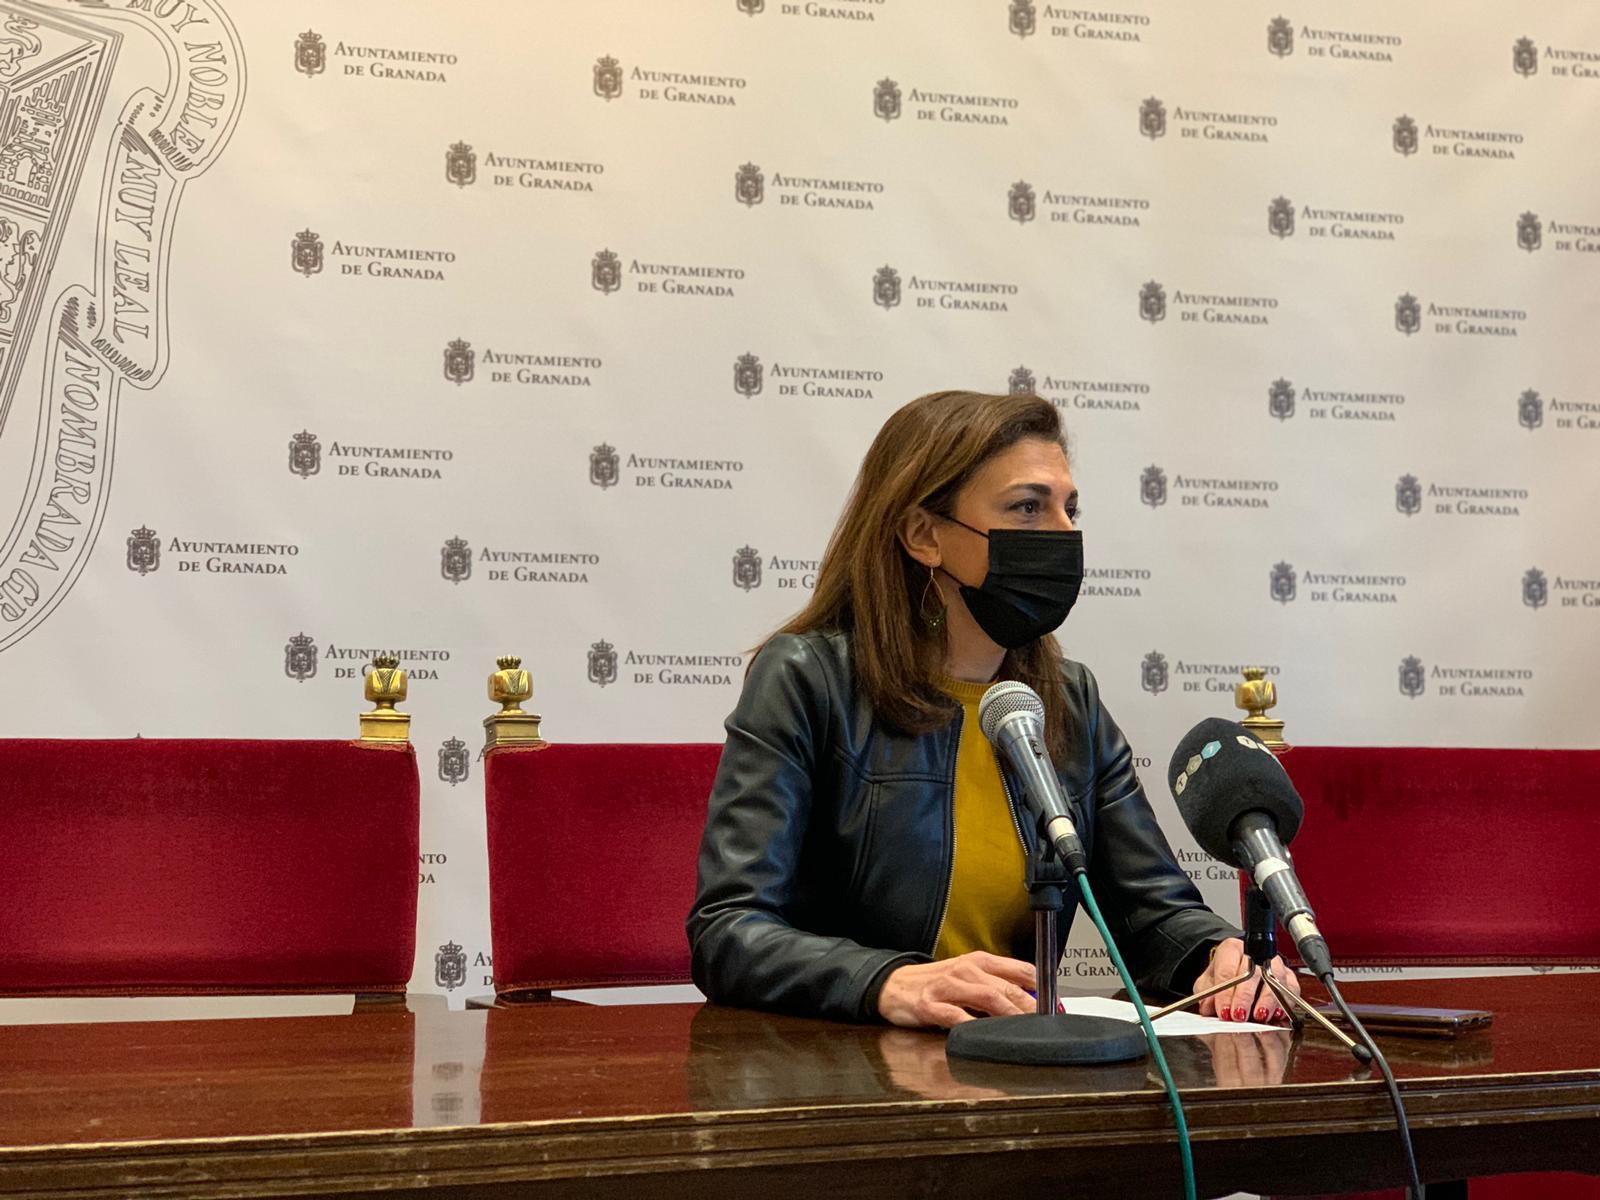 El PSOE pide que se refuerce durante el fin de semana la policía para controlar los botellones